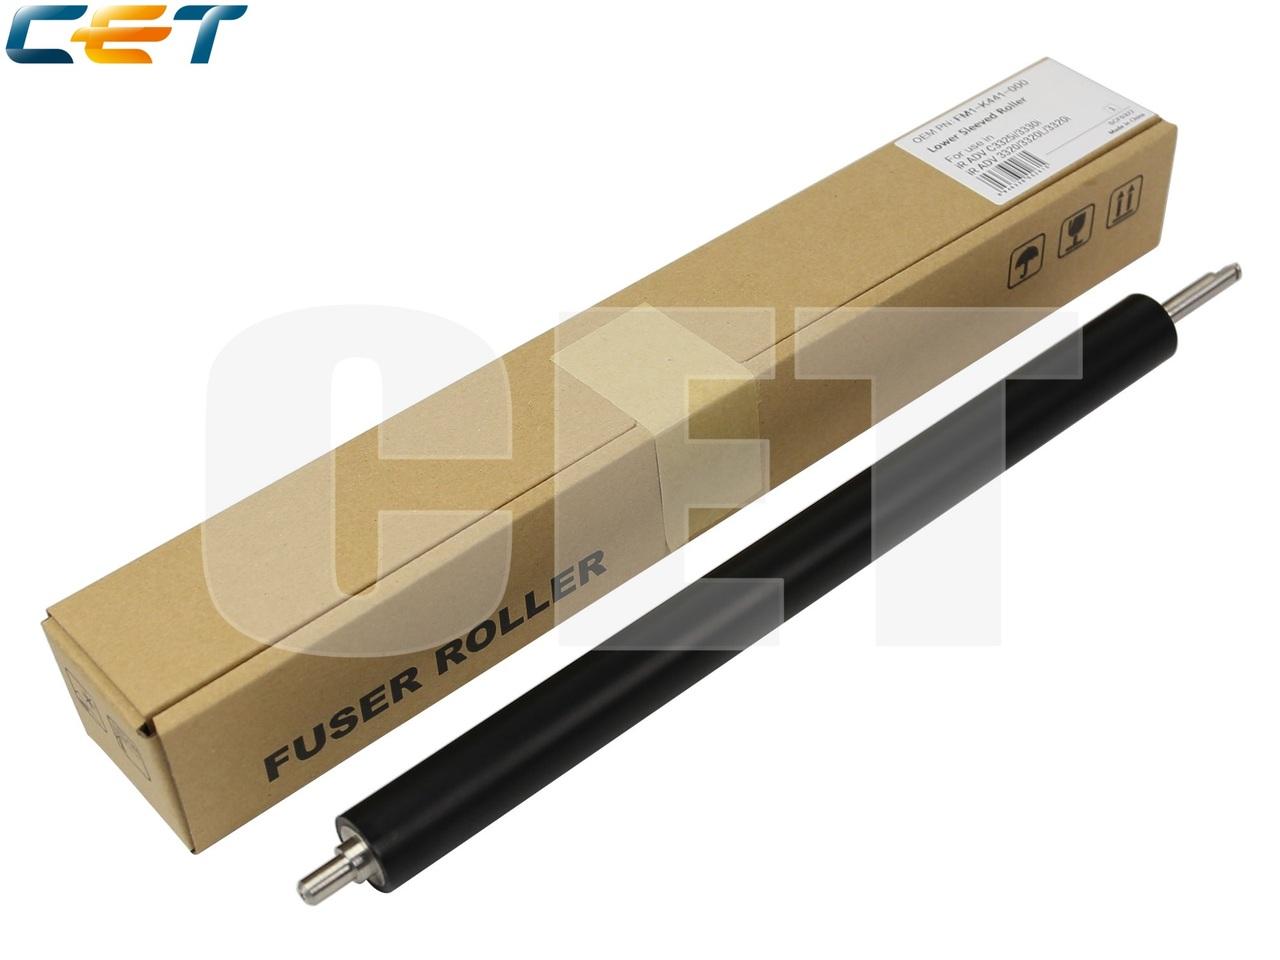 Резиновый вал для CANON iR ADVANCEC3325i/C3330i/C3320/C3320L/C3320i (CET), CET5261